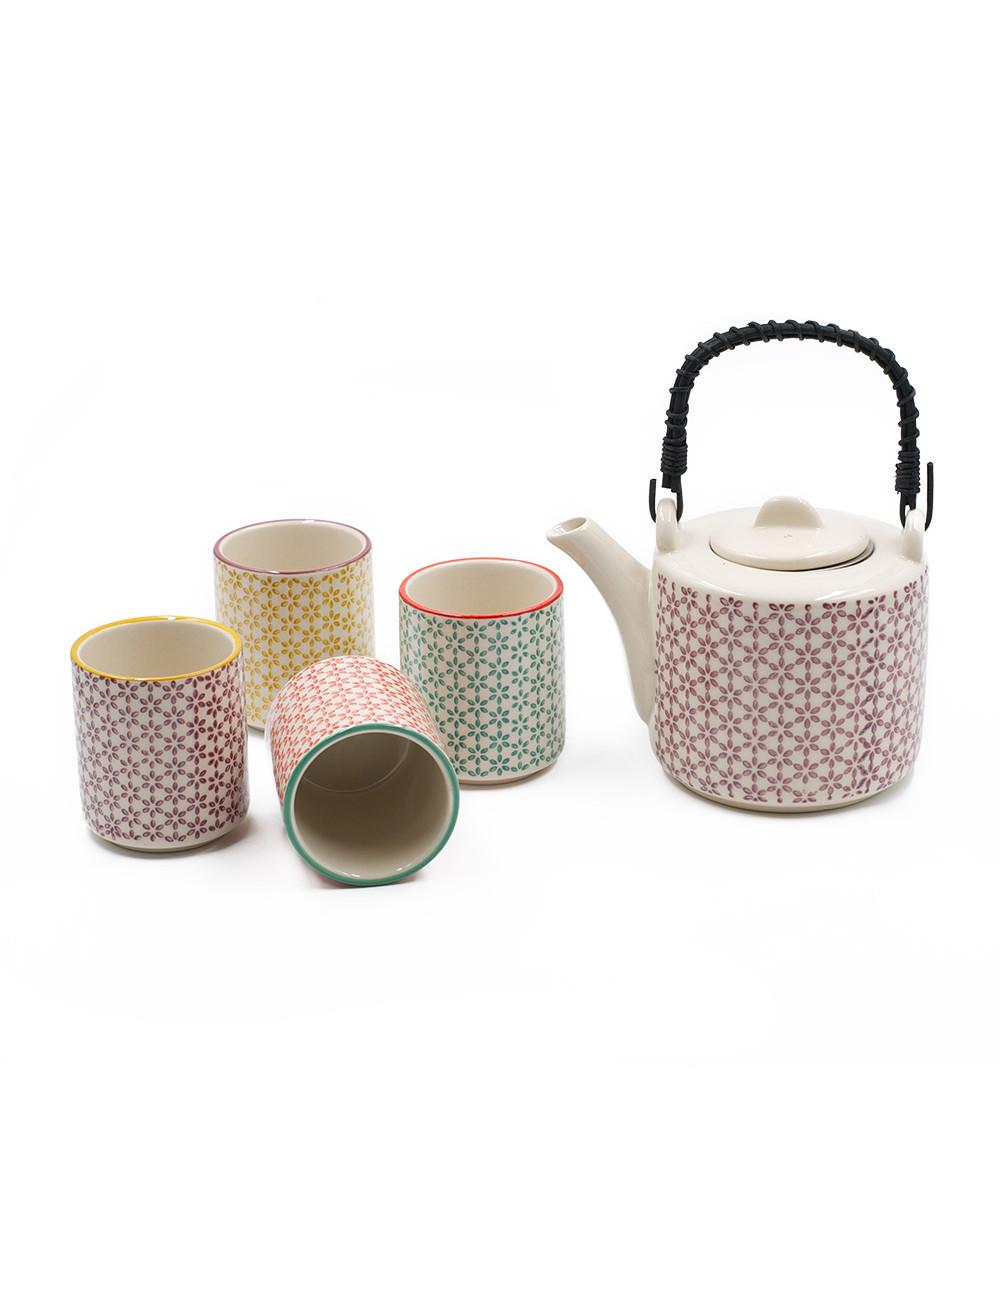 Set da tè Mina in stile vintage - La Pianta del Tè Shop online